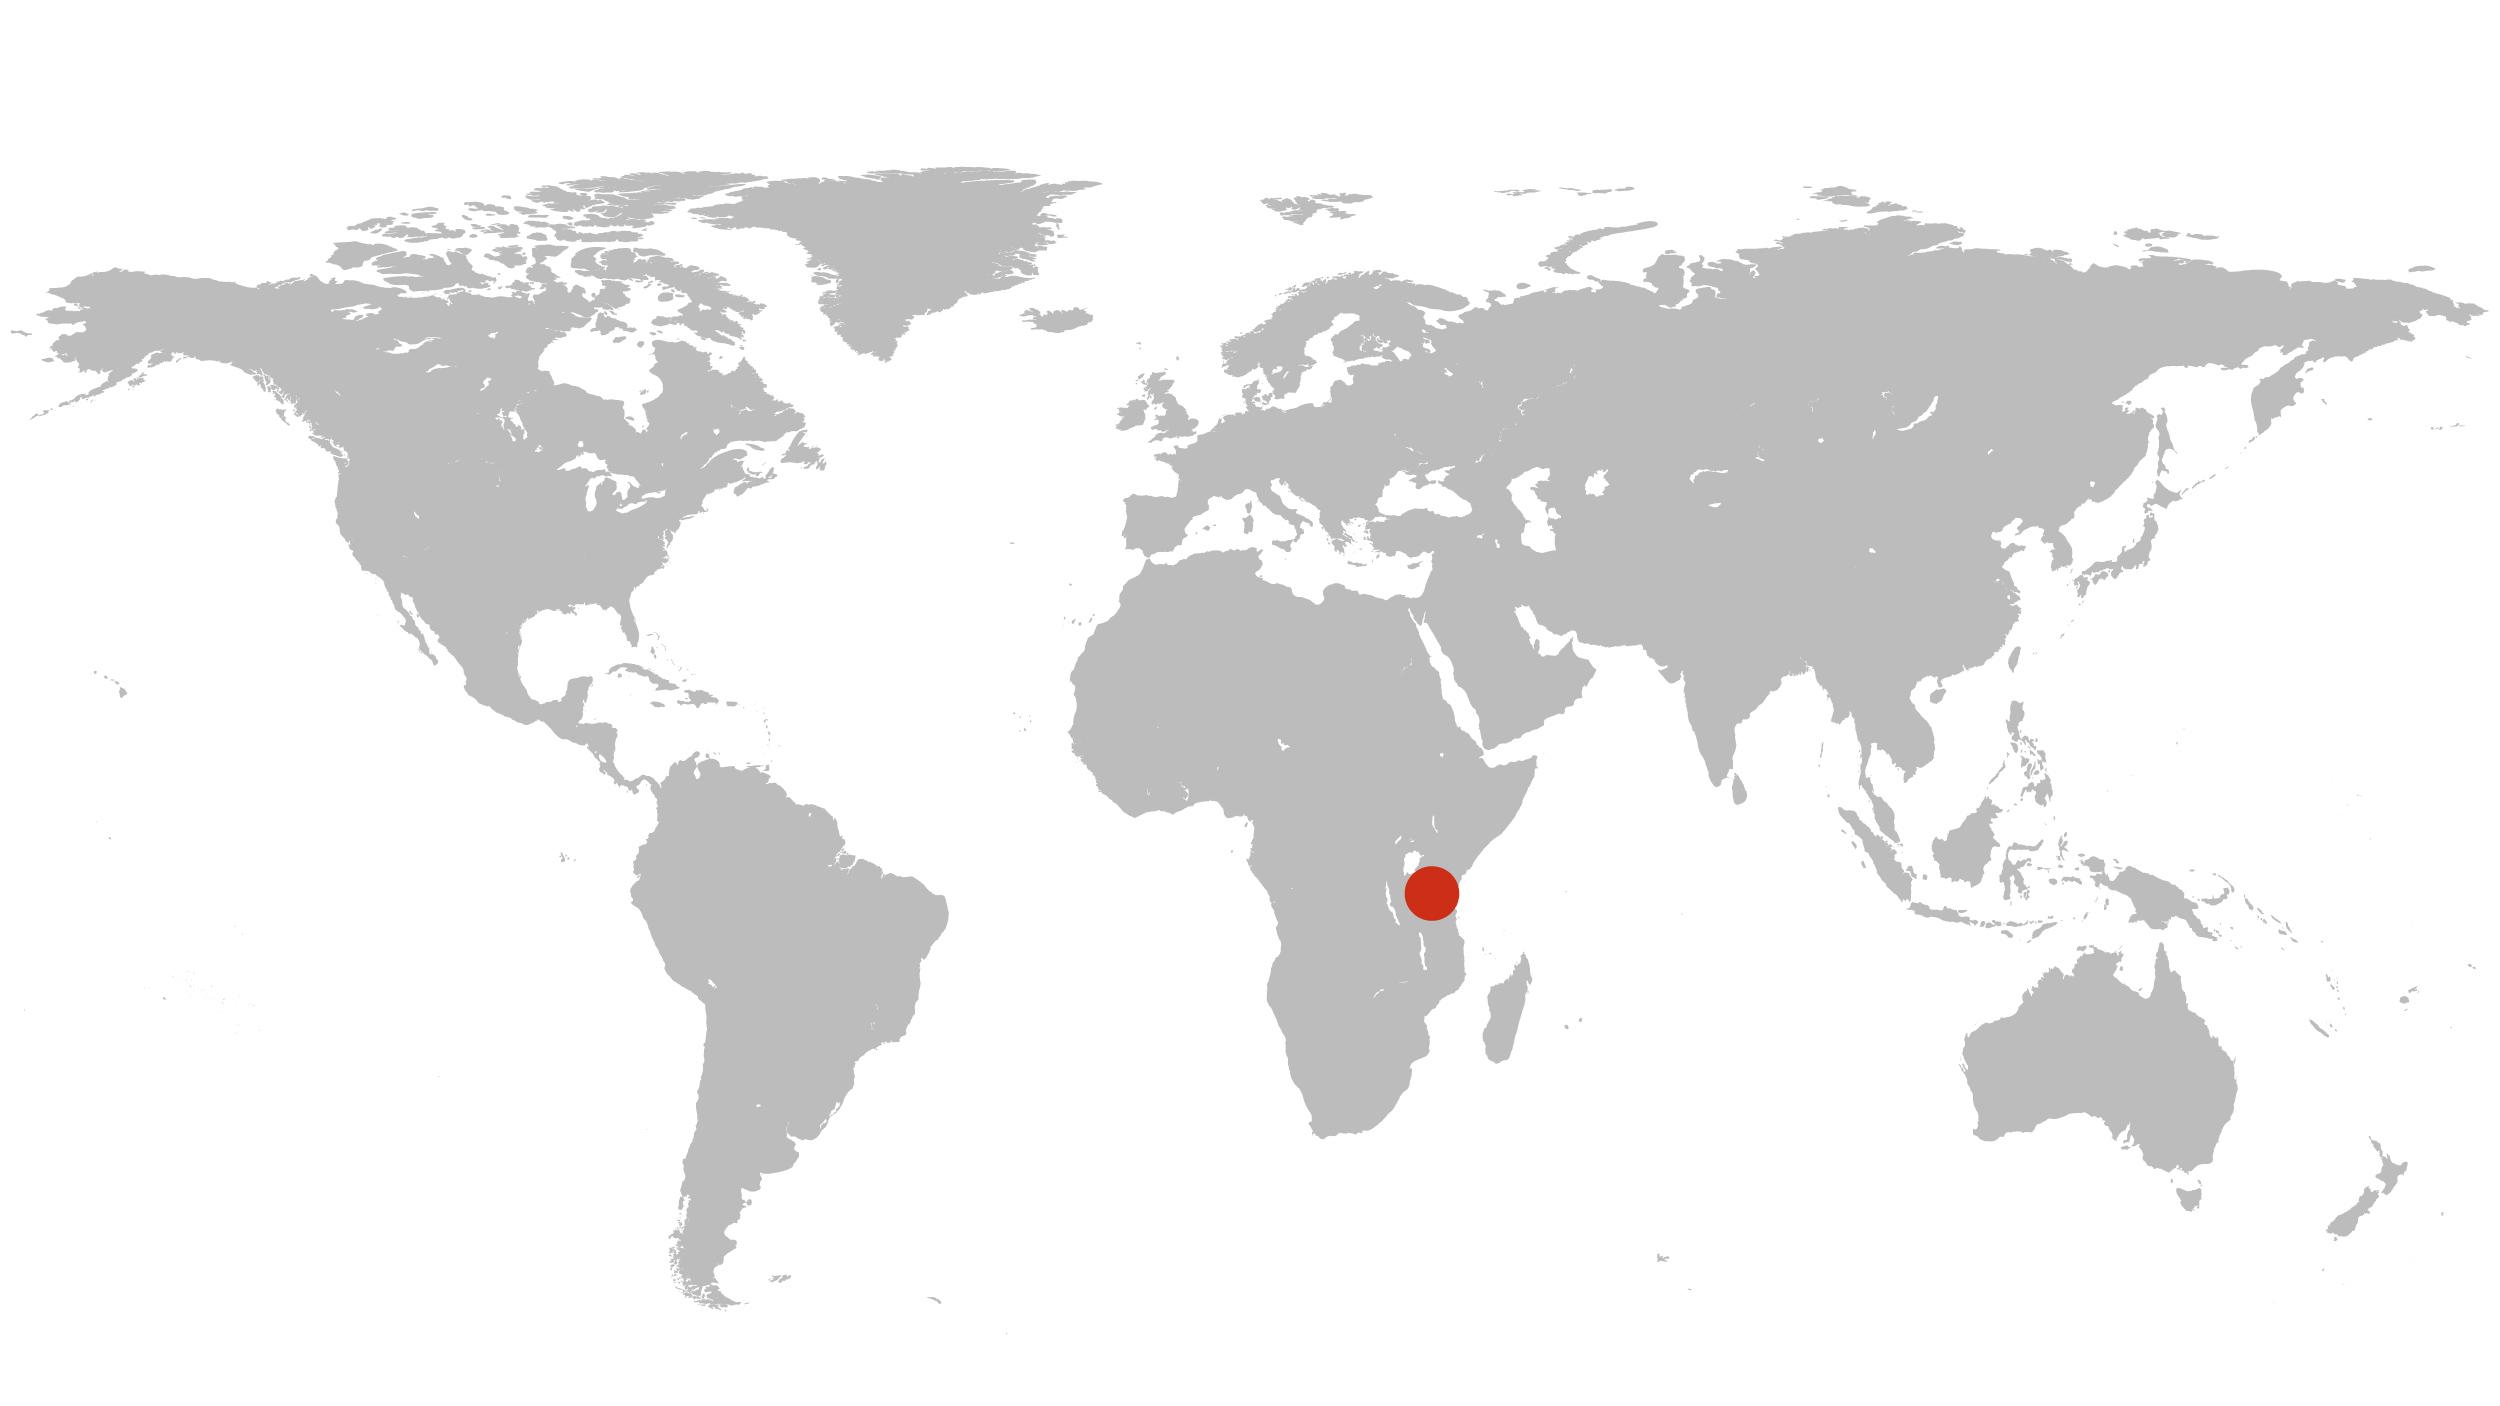 JB_WEB_World_Map_Tanzania_D02.jpg